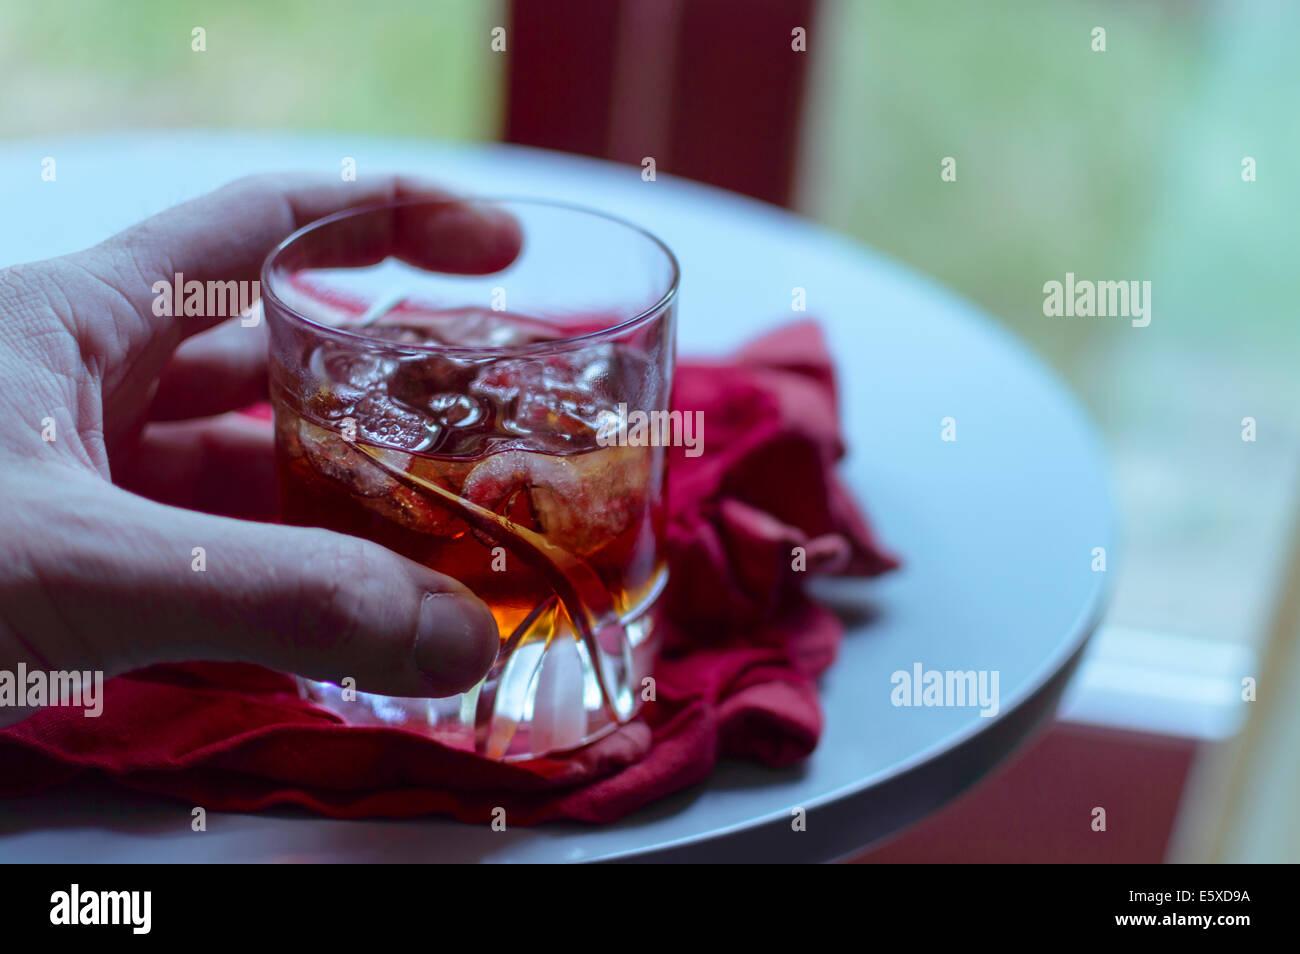 Un verre d'amaretto avec de la glace tenu par une main Banque D'Images